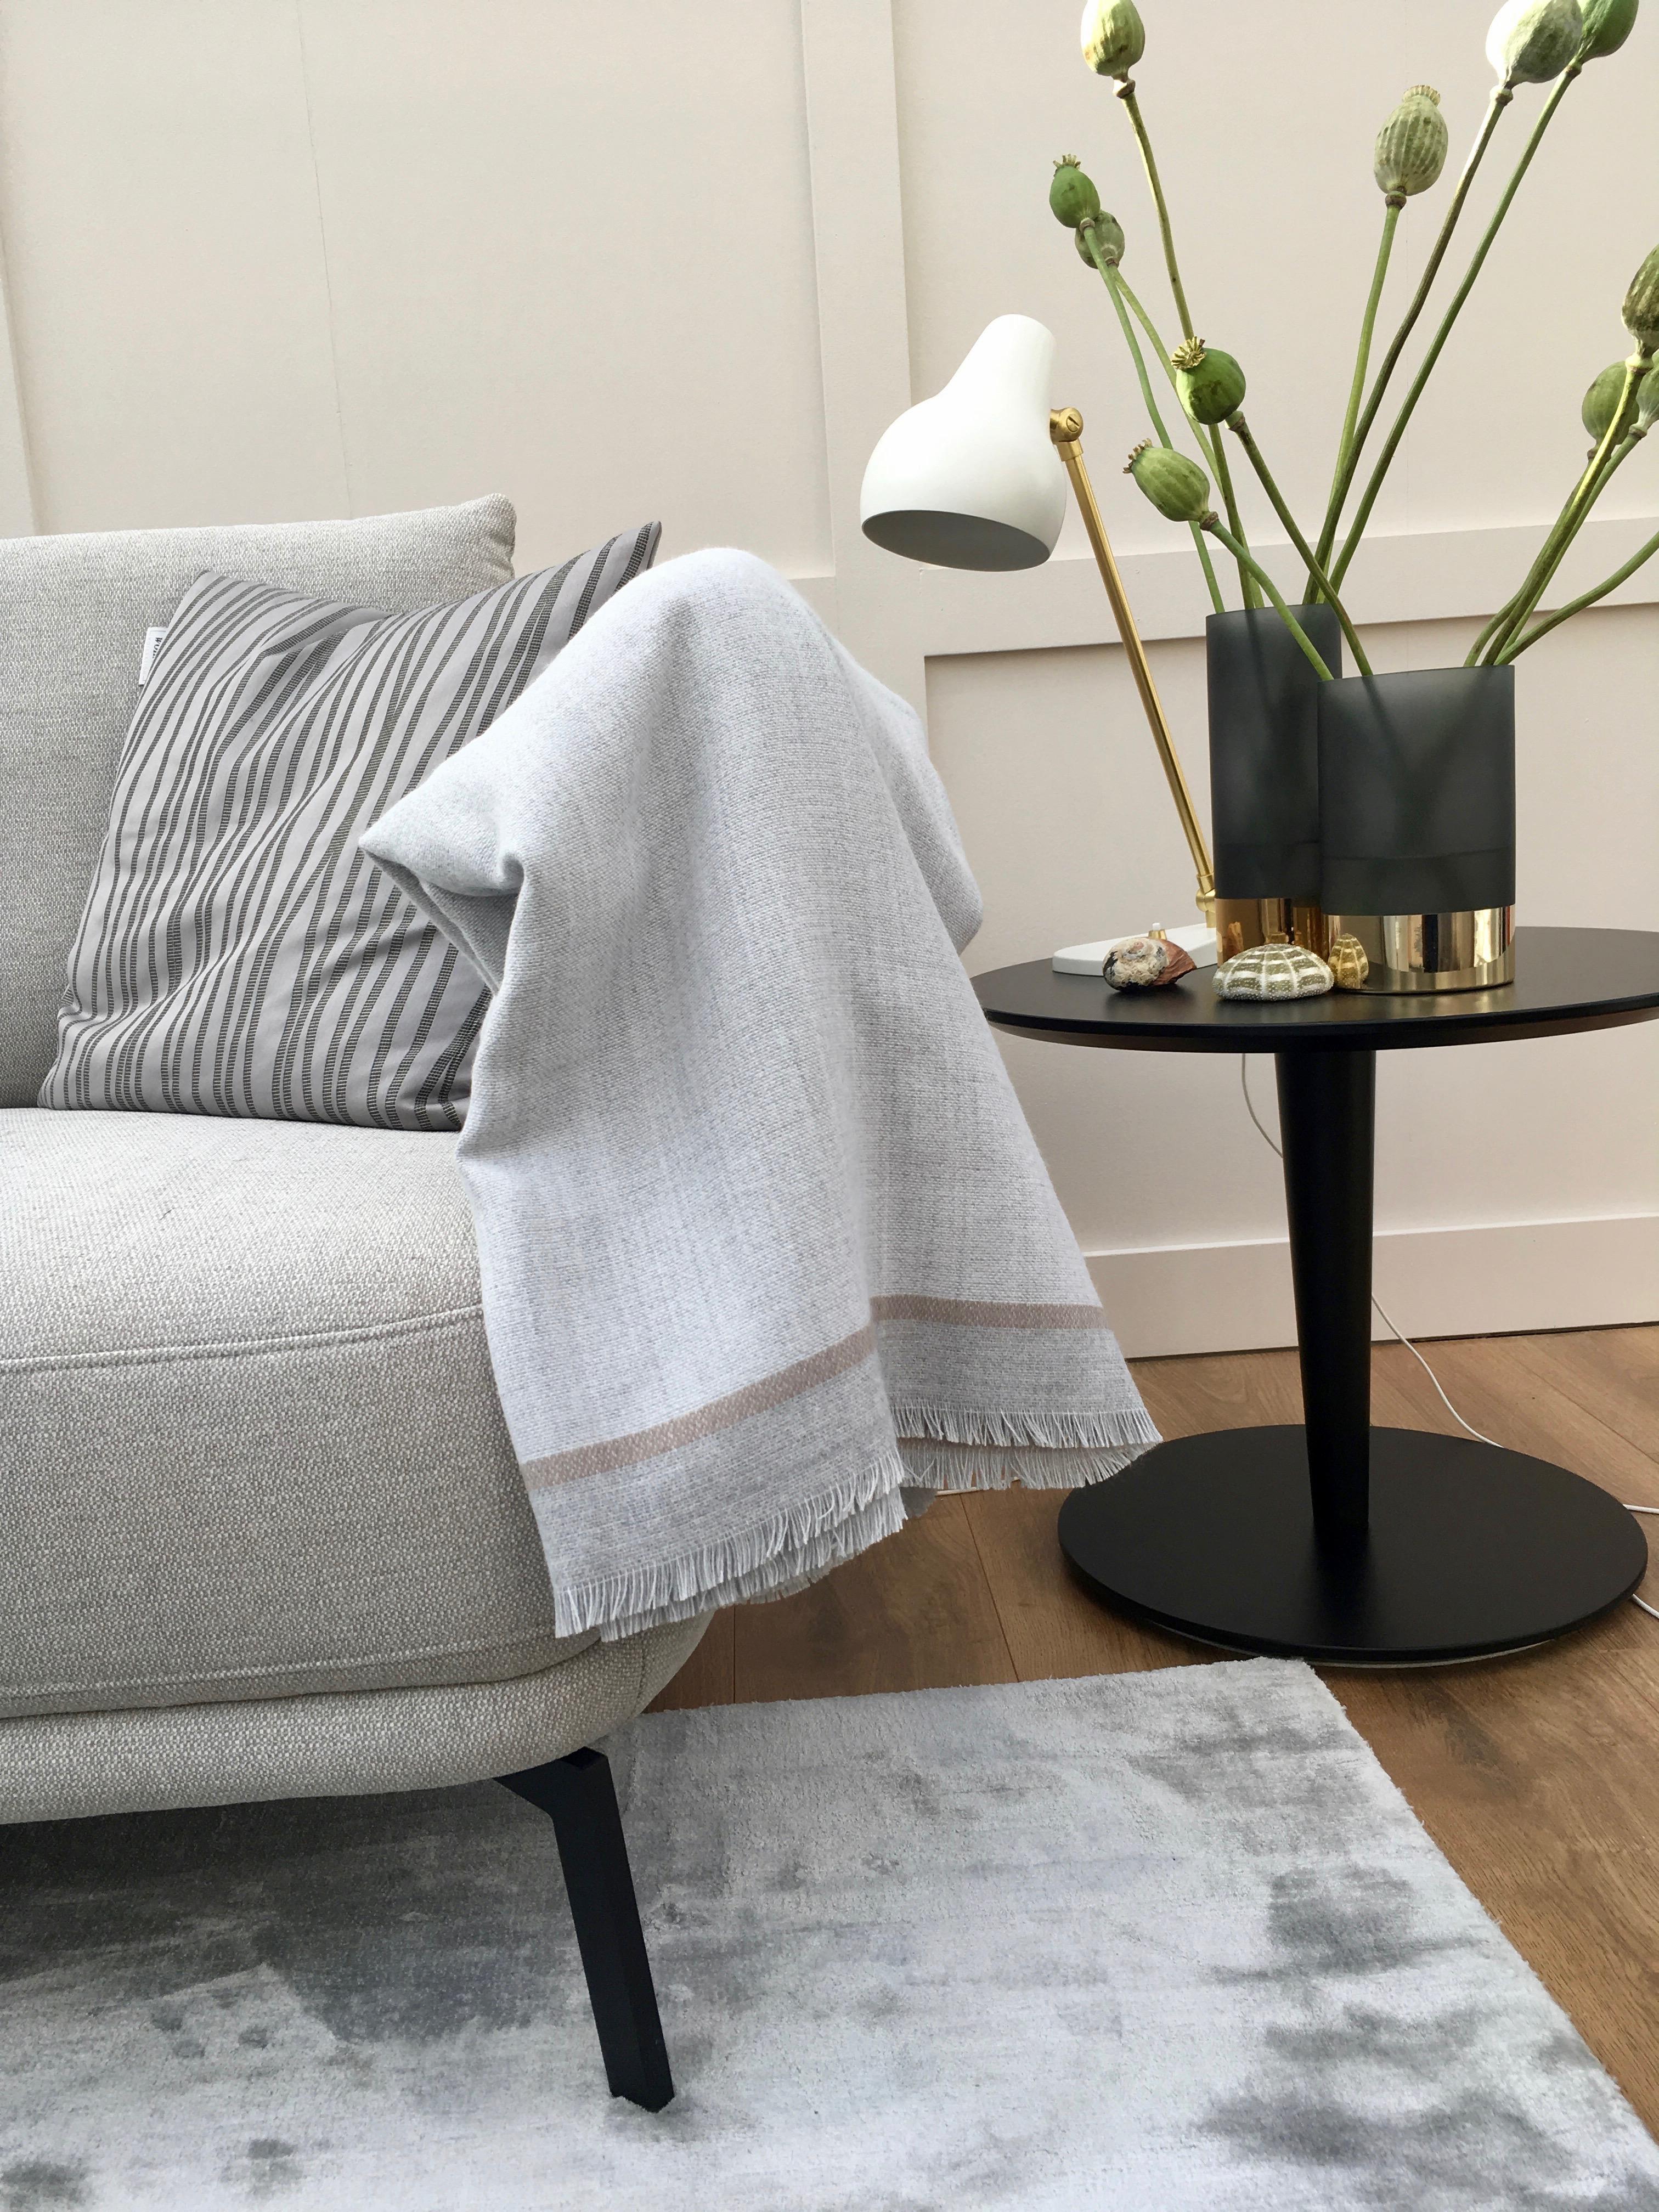 sch ner wohnen bilder ideen couch. Black Bedroom Furniture Sets. Home Design Ideas